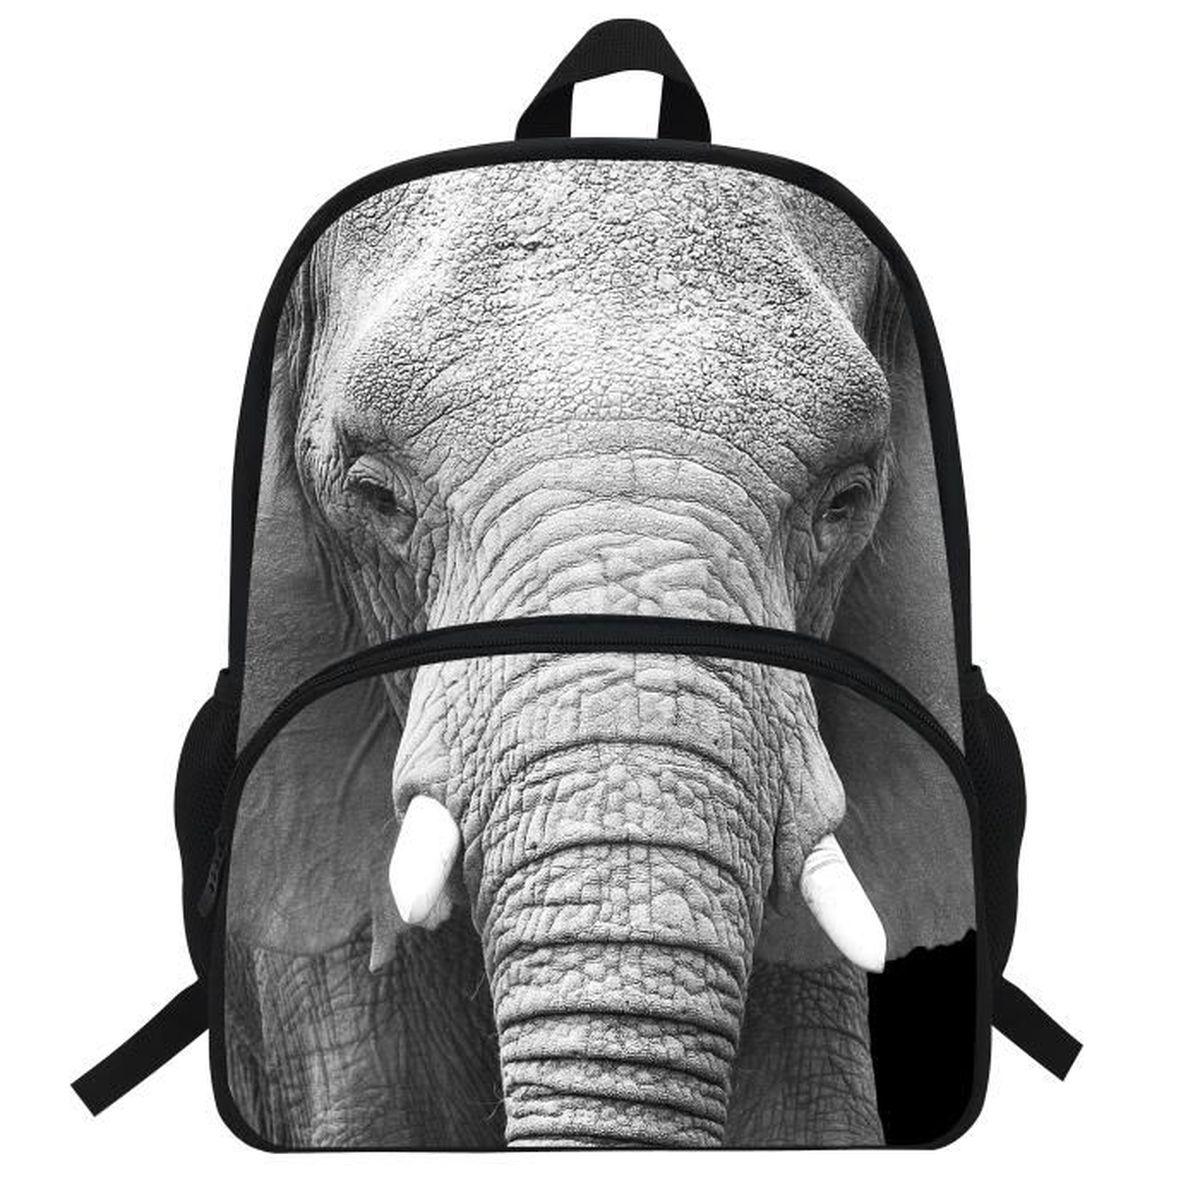 d306331062 Sac a dos elephant - Achat / Vente pas cher